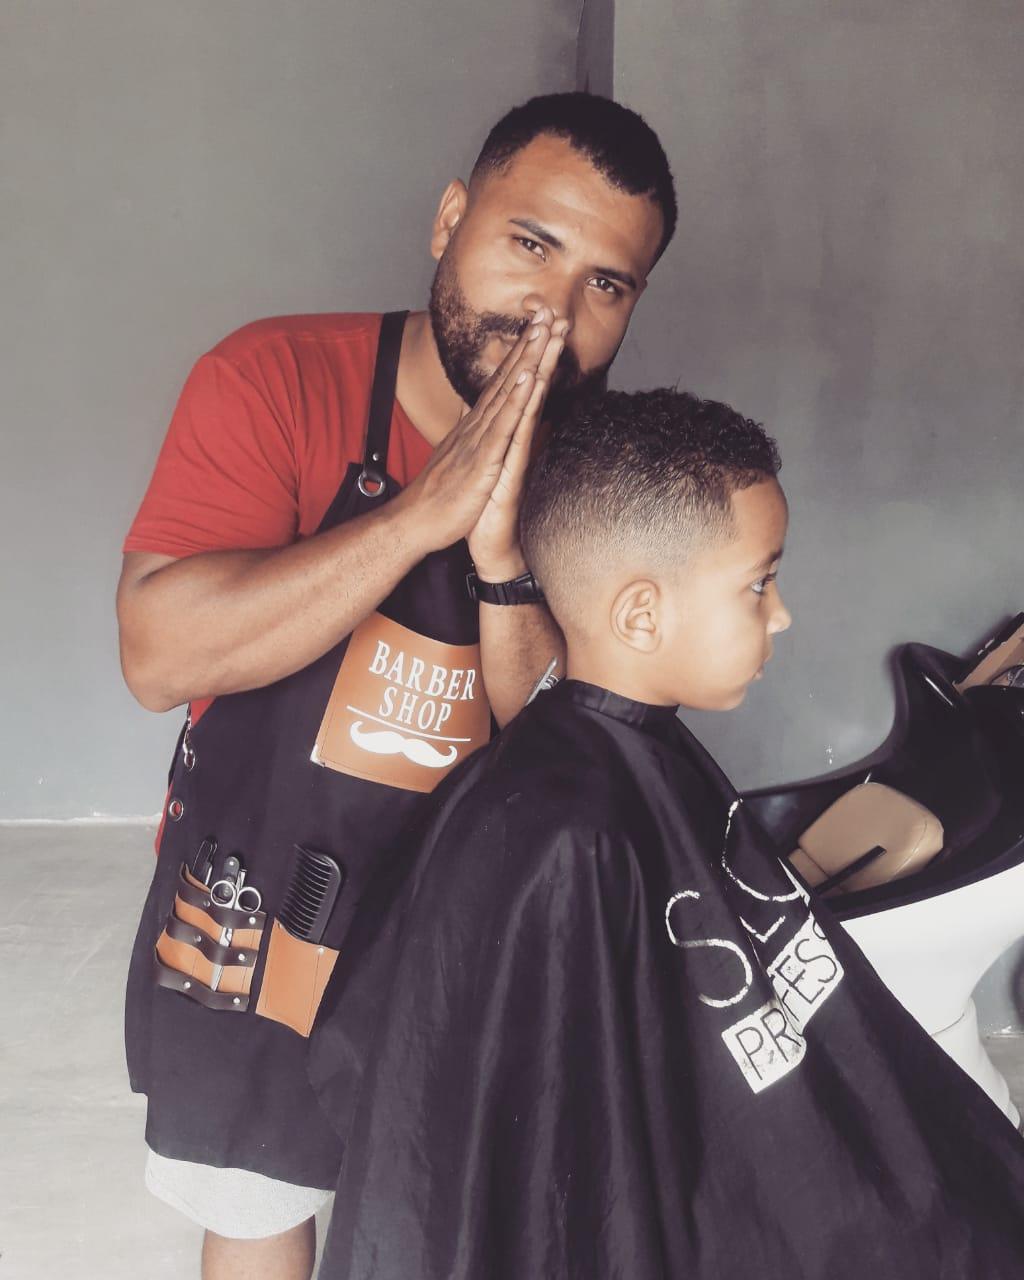 barbeiro começa trabalhar quintal casa